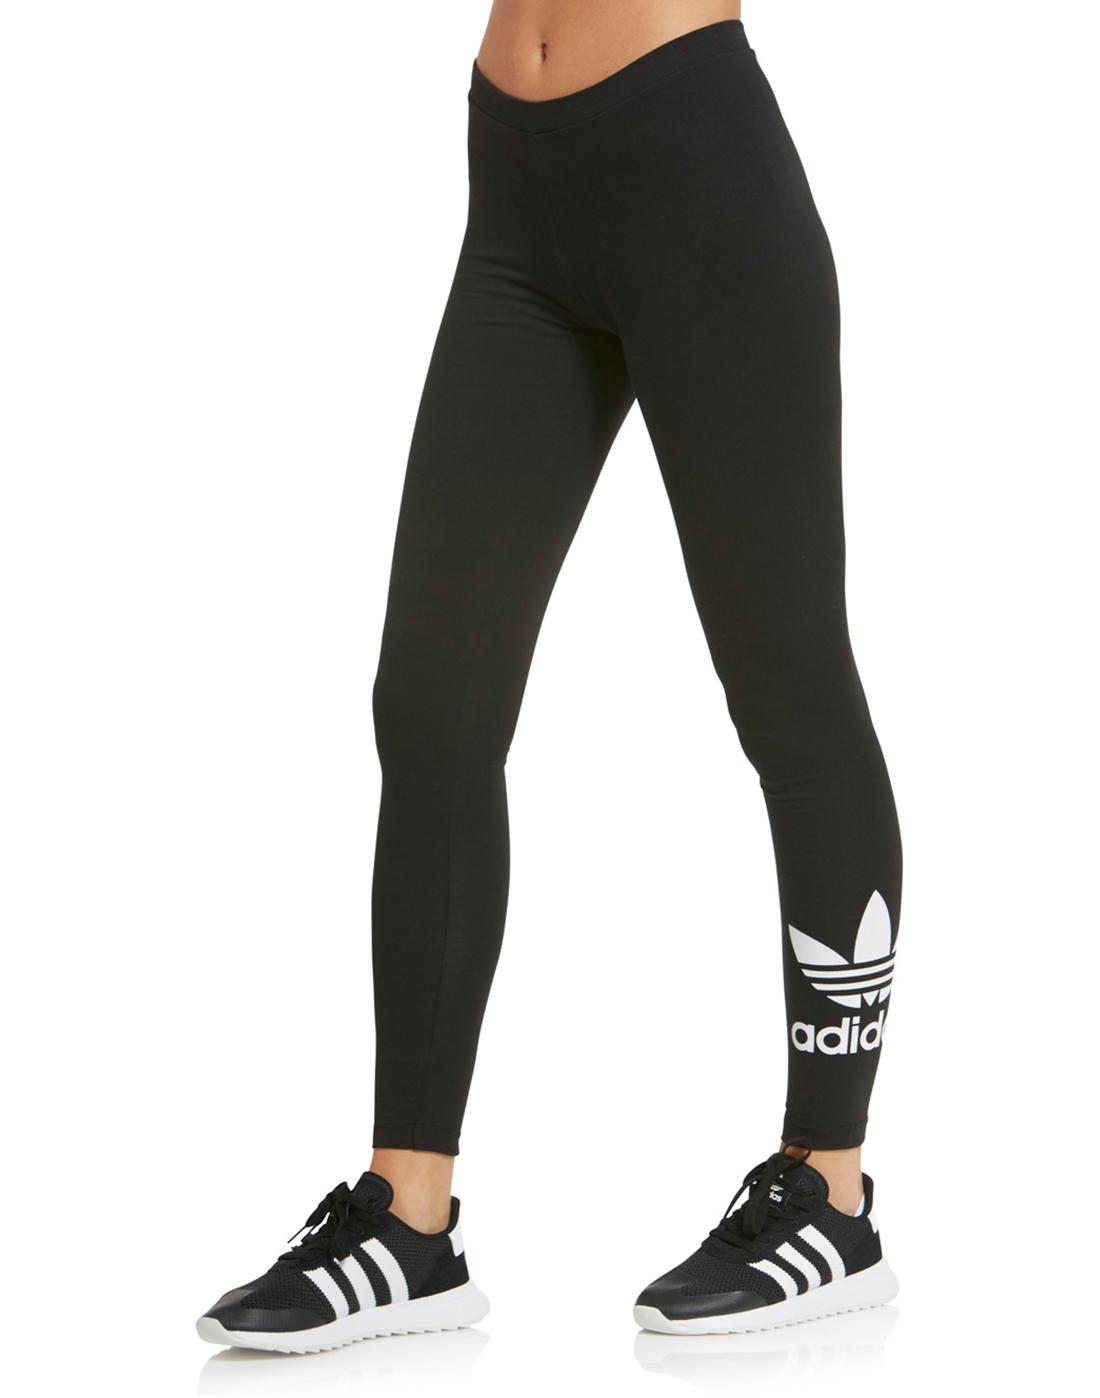 a8e1ff8a137c3 adidas Originals. Womens Trefoil Legging. Womens Trefoil Legging ...